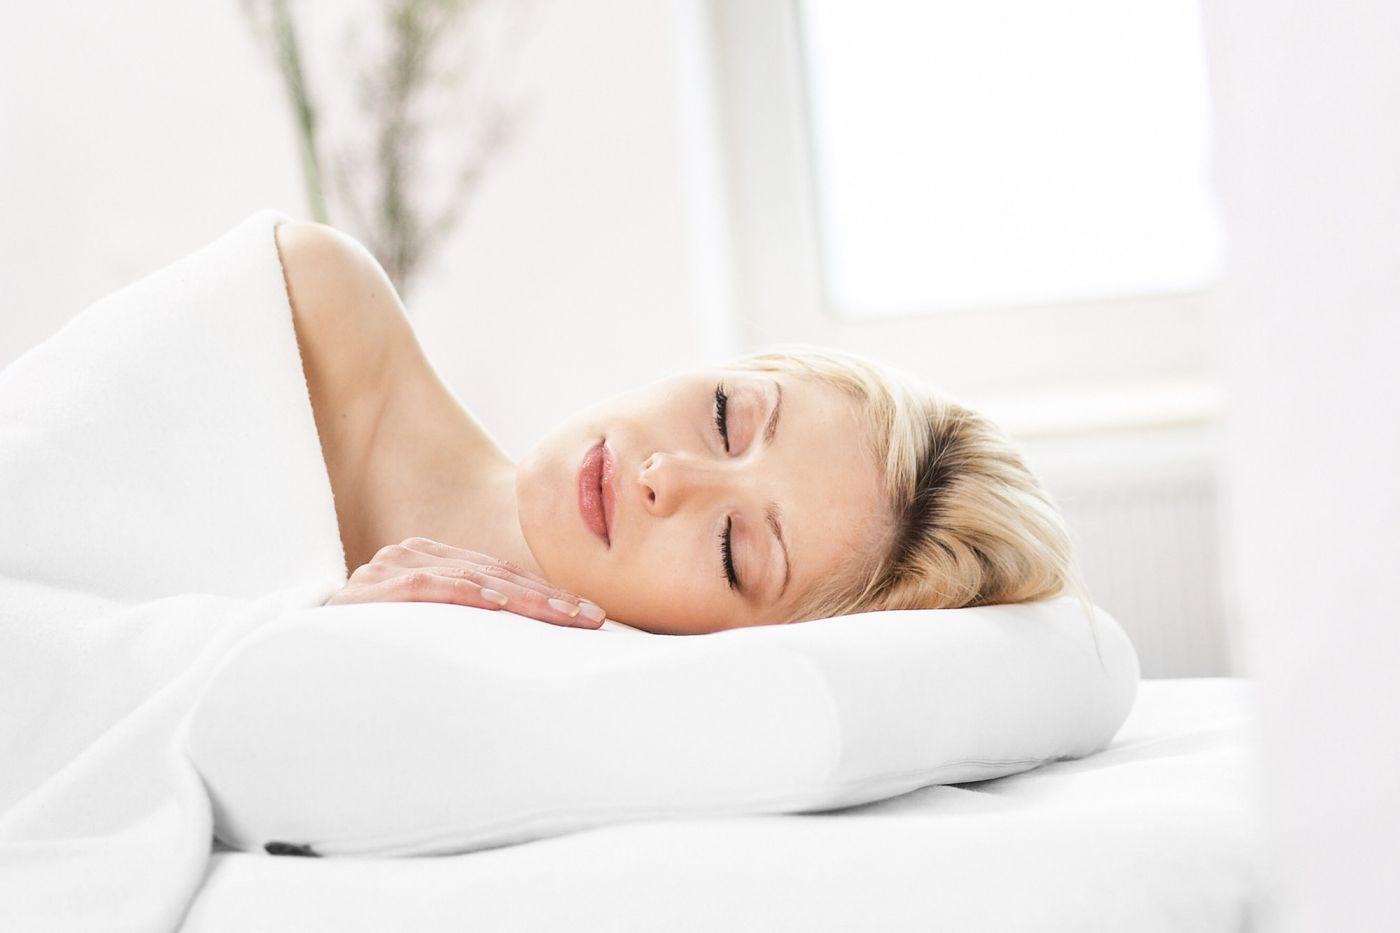 Il Cuscino Della Salute.Elsa Svizzera Test Di Cuscini E Materassi Senza Impegno